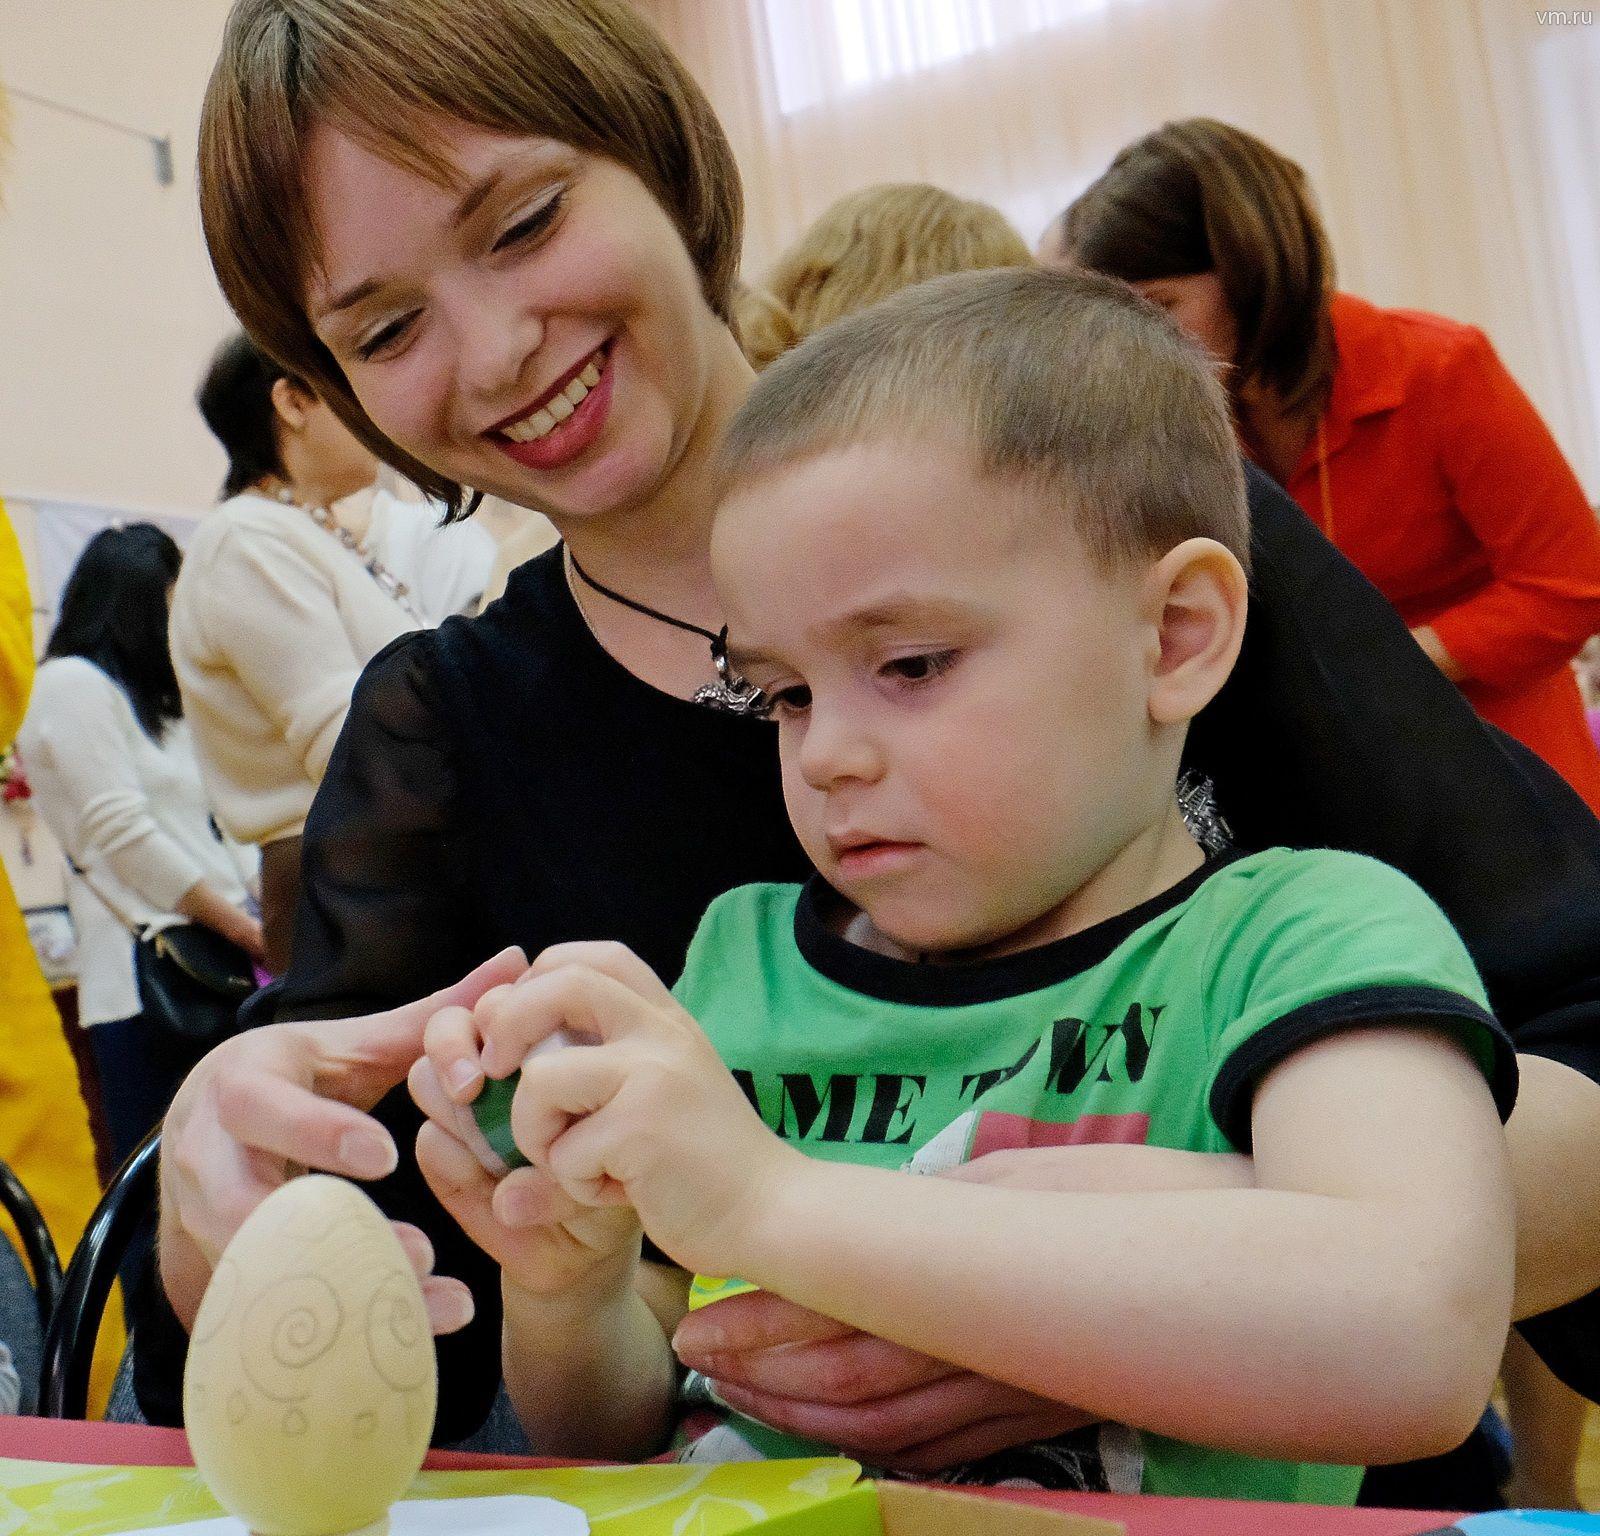 Артем и Ирина Толмачевы участвуют в мастер-классе по украшению пасхальных яиц. Делать первые шаги на пути творчества маленькому Артему помогает мама. Через год он уже сможет и самостоятельно украсить пасхальную композицию